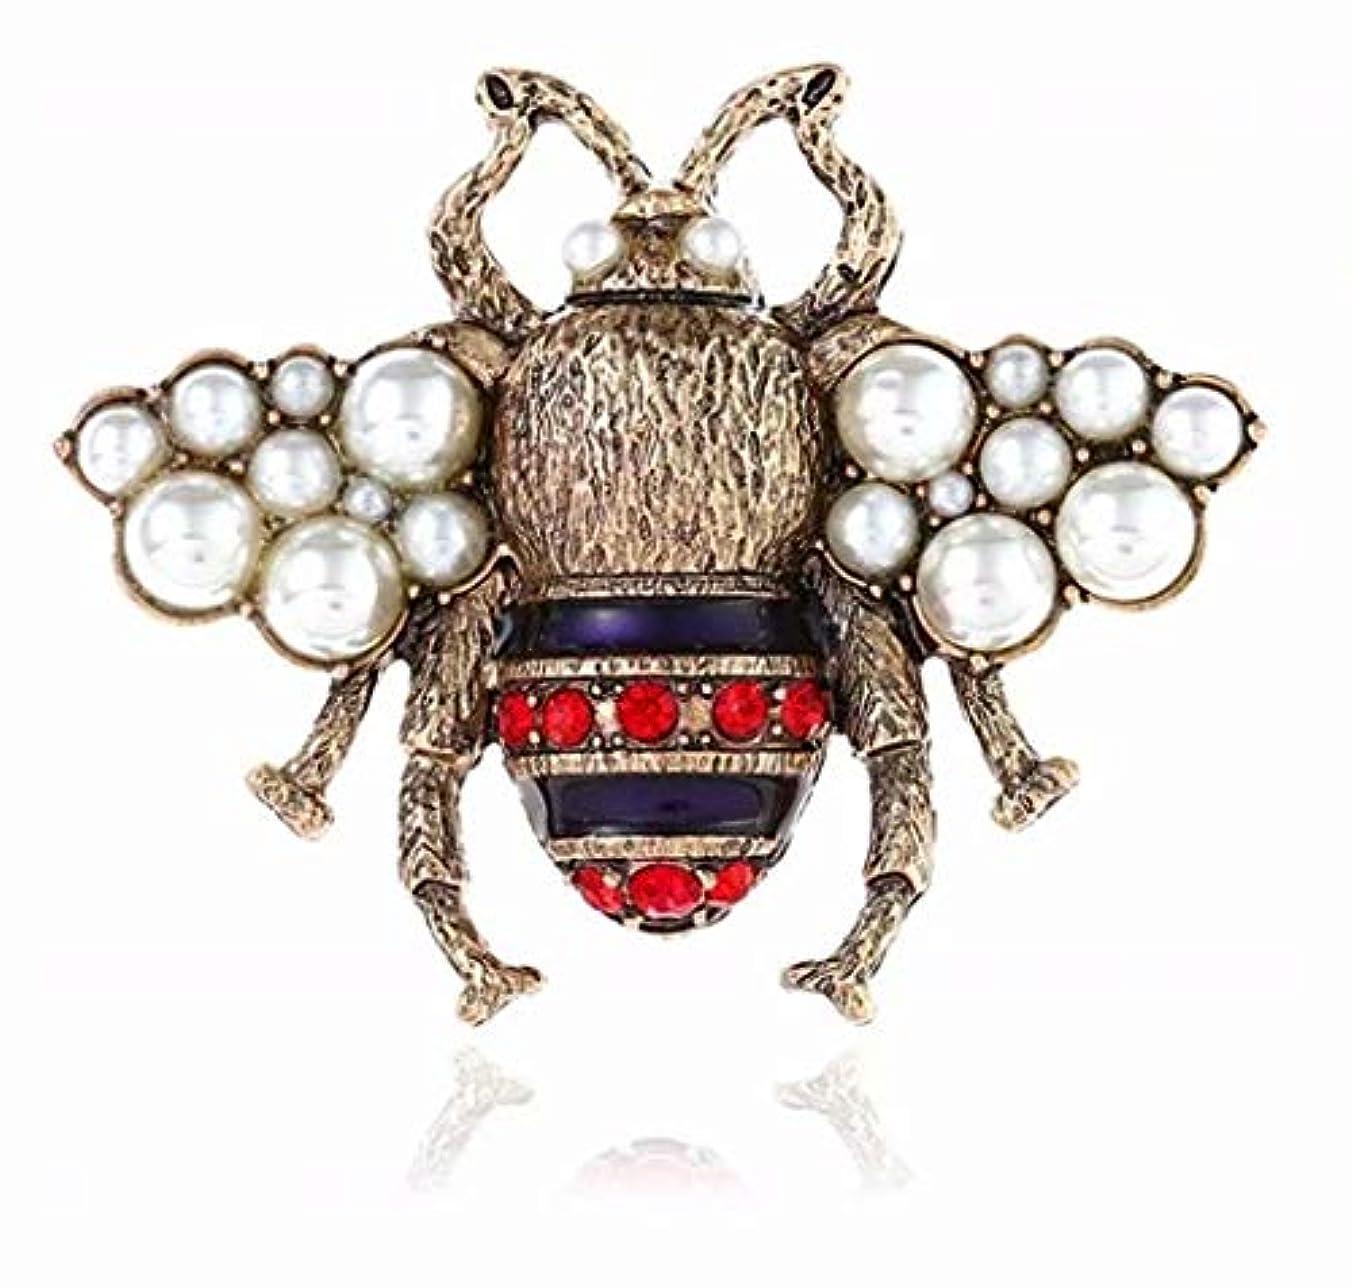 欠席心配ビジュアル七里の香 ヴィンテージ メタル クリスタル ラインストーン 昆虫蜂蜜ブローチ ブローチピン